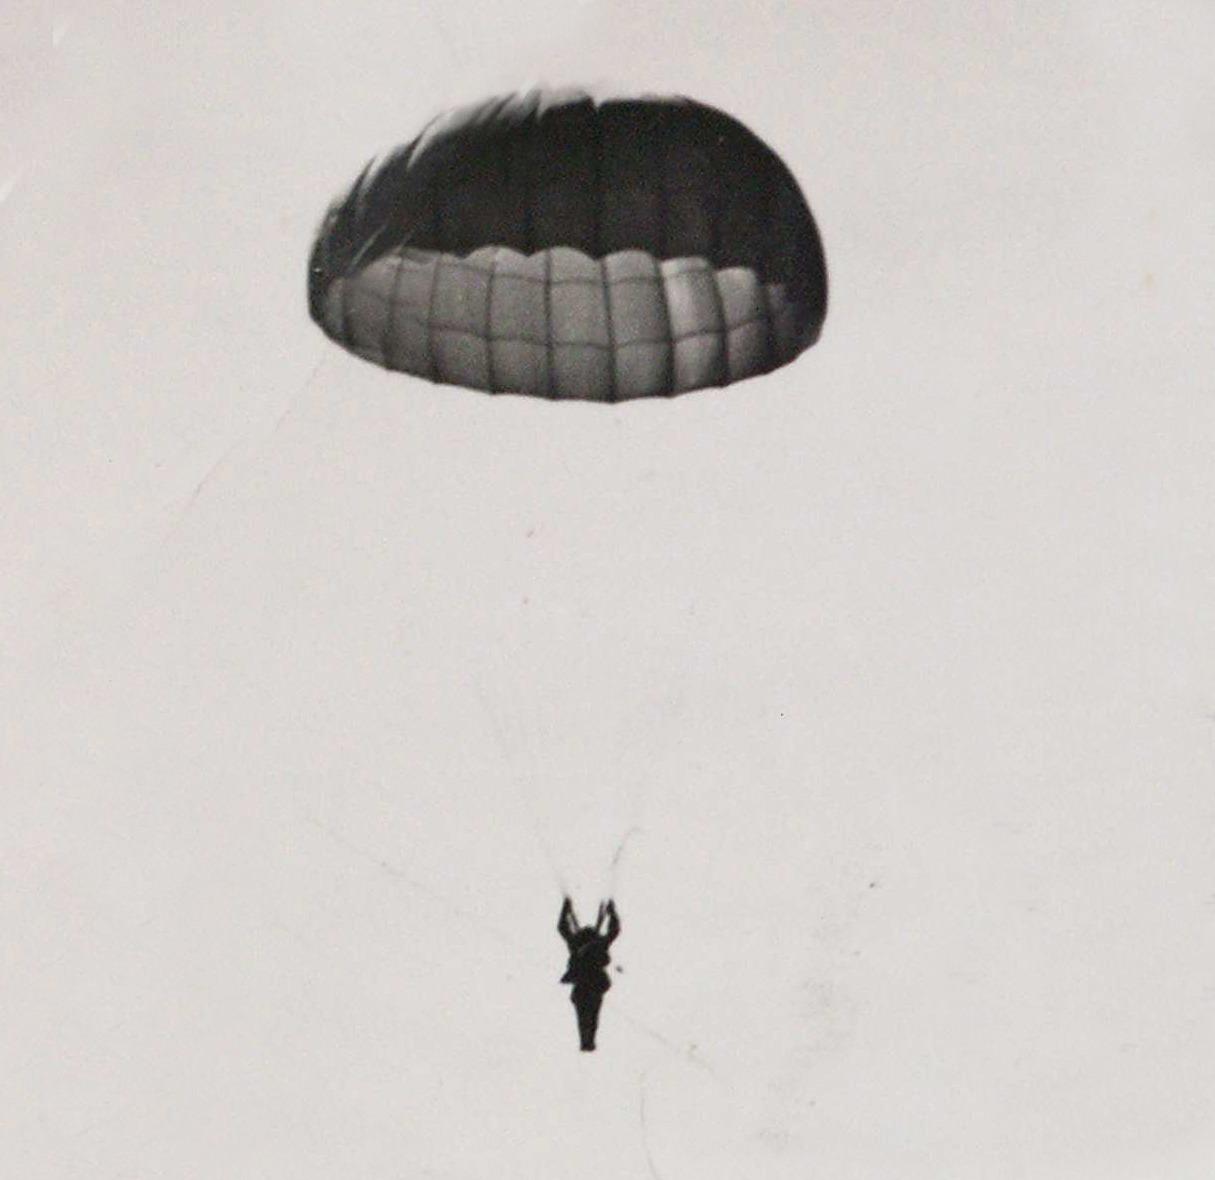 Paracaidista. Arquivo Histórico de León.